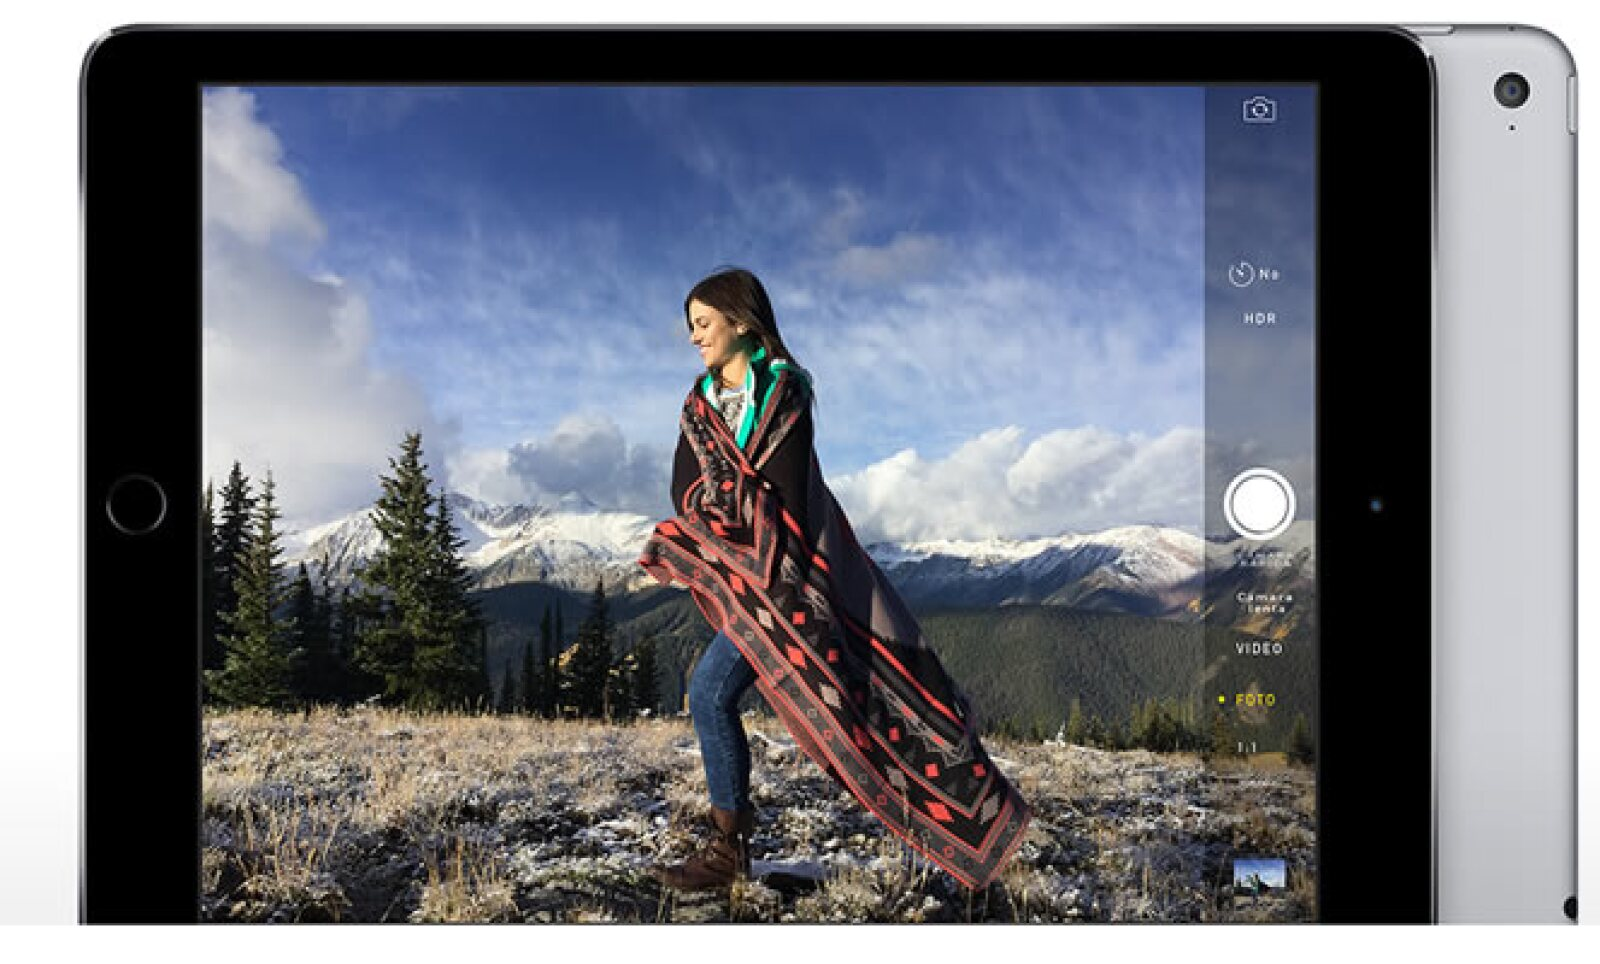 La tableta cuenta, según Apple, con las mejores cámaras que se han hecho para una iPad, tanto la iSight, como la cámara frontal FaceTime HD.